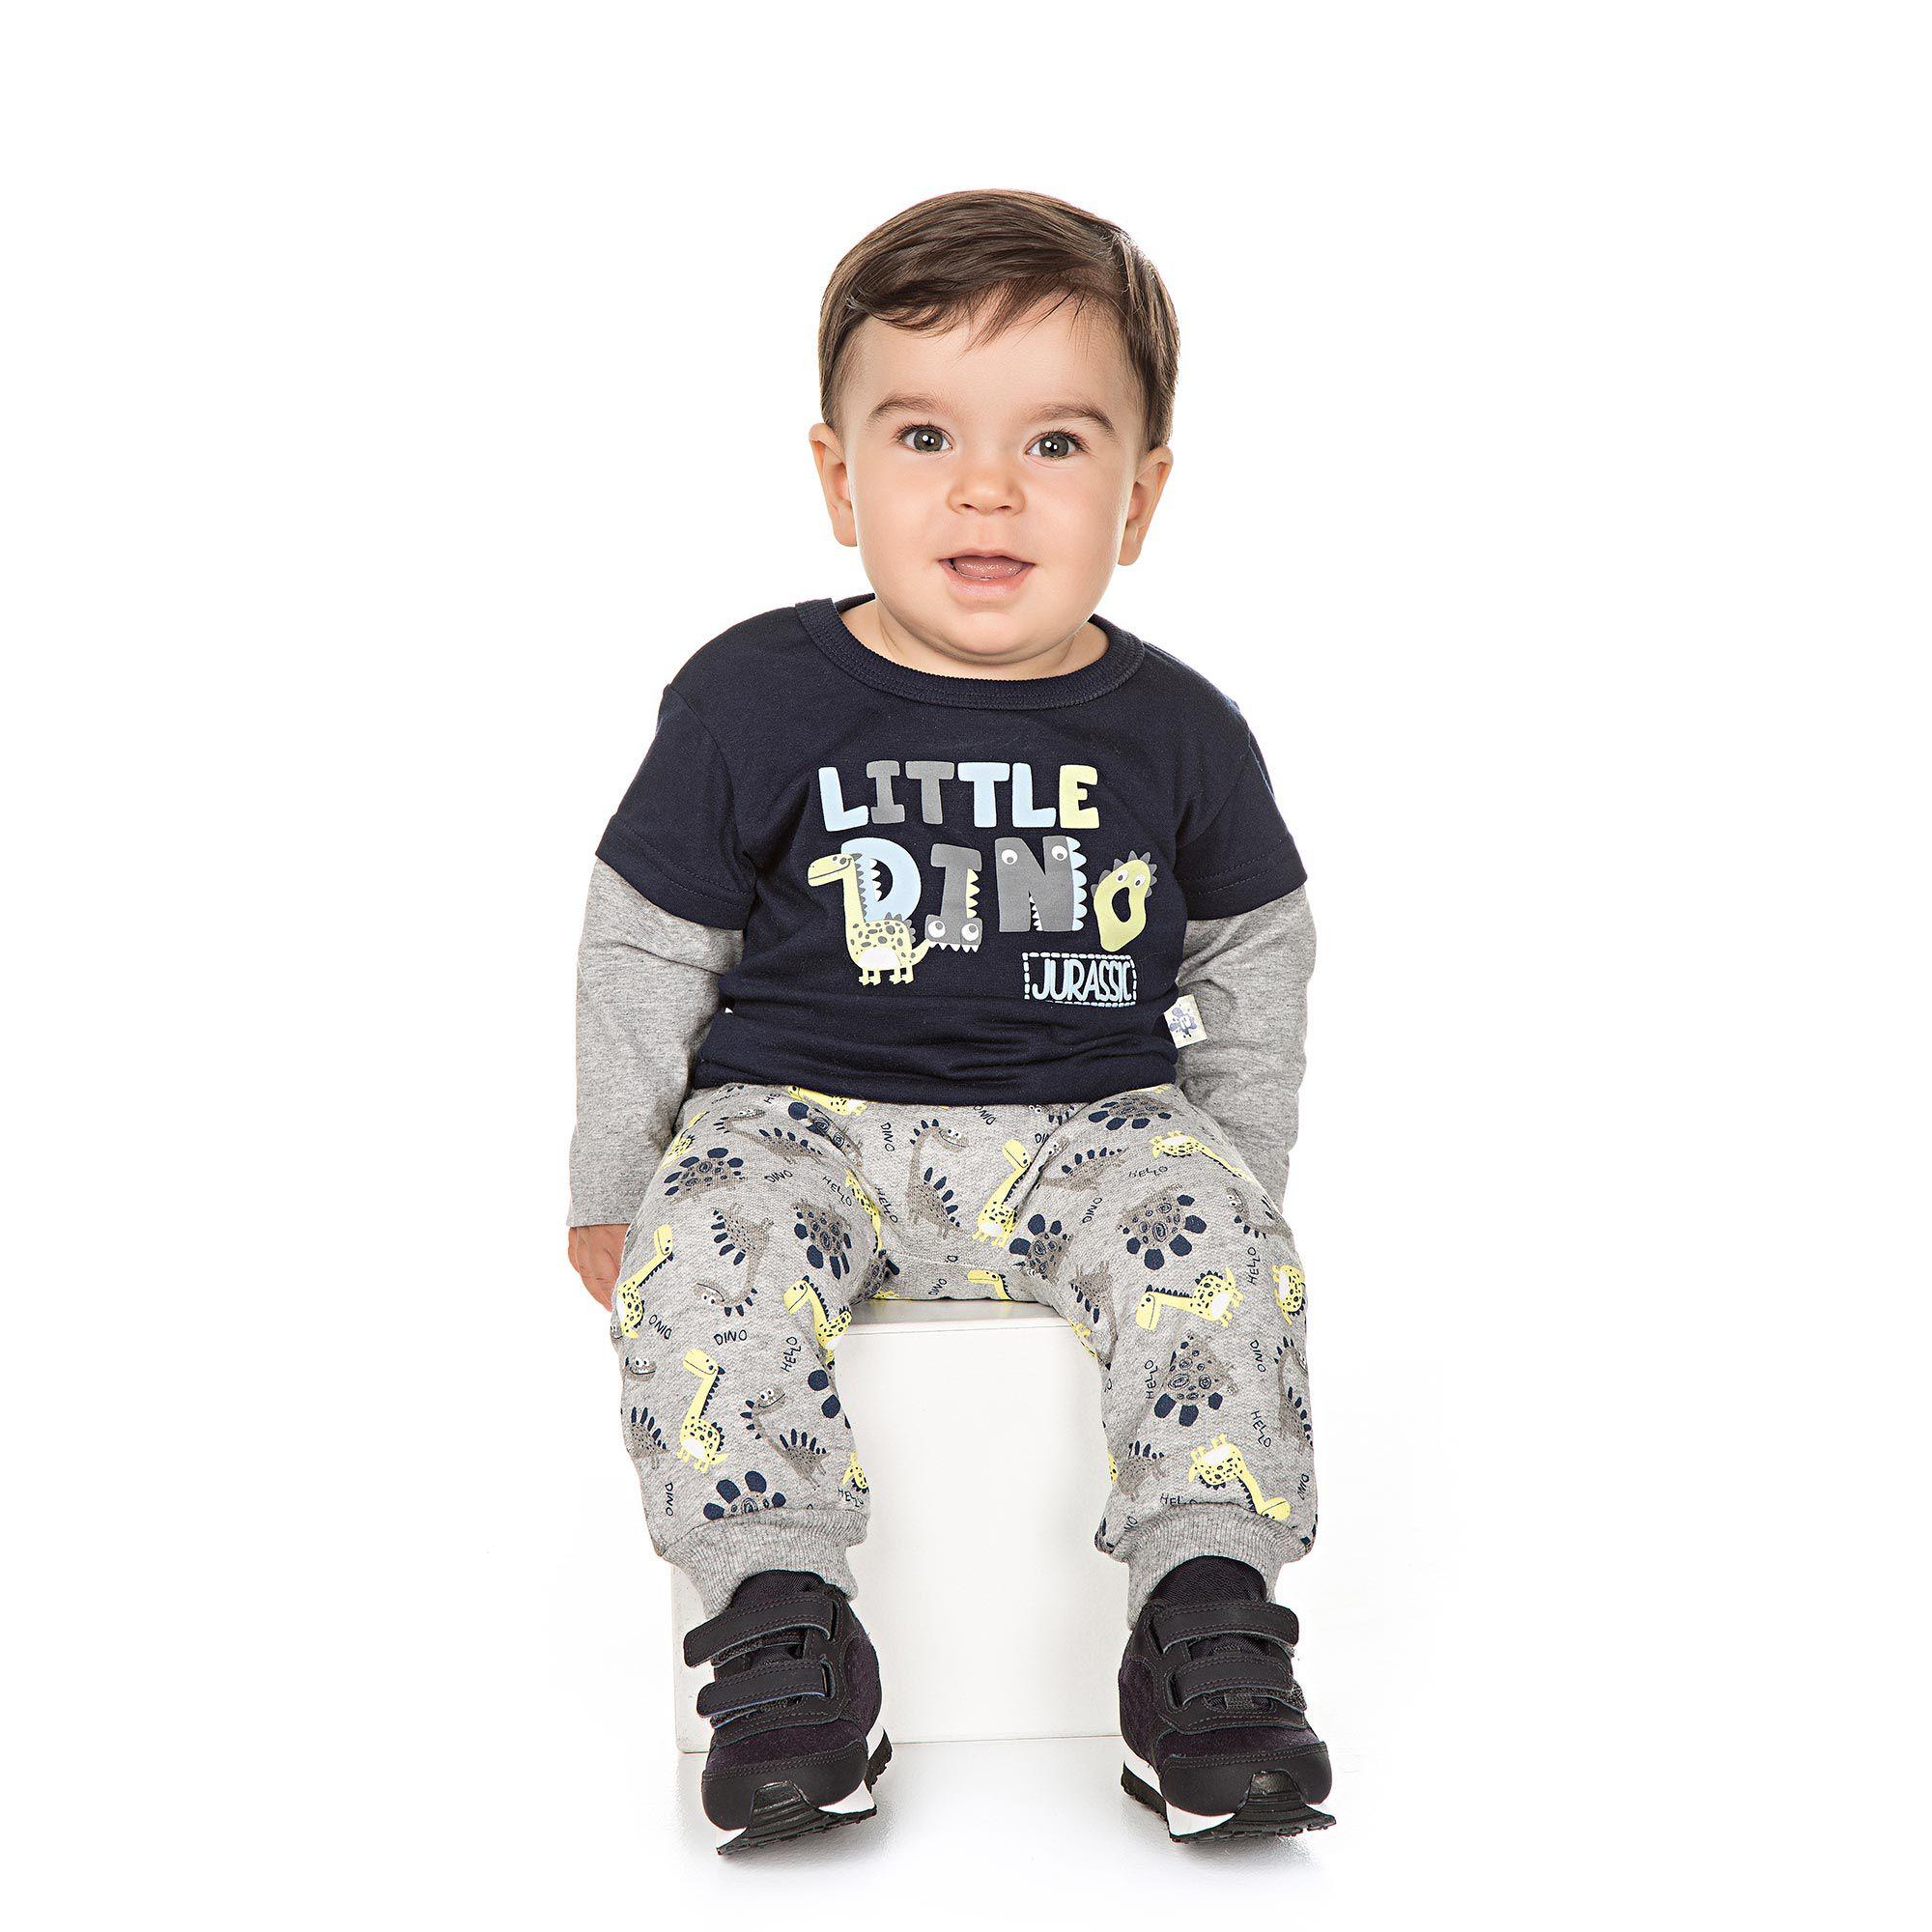 Conjunto Infantil para Bebê 2 peças - Ref 4948 - Marinho/Mescla